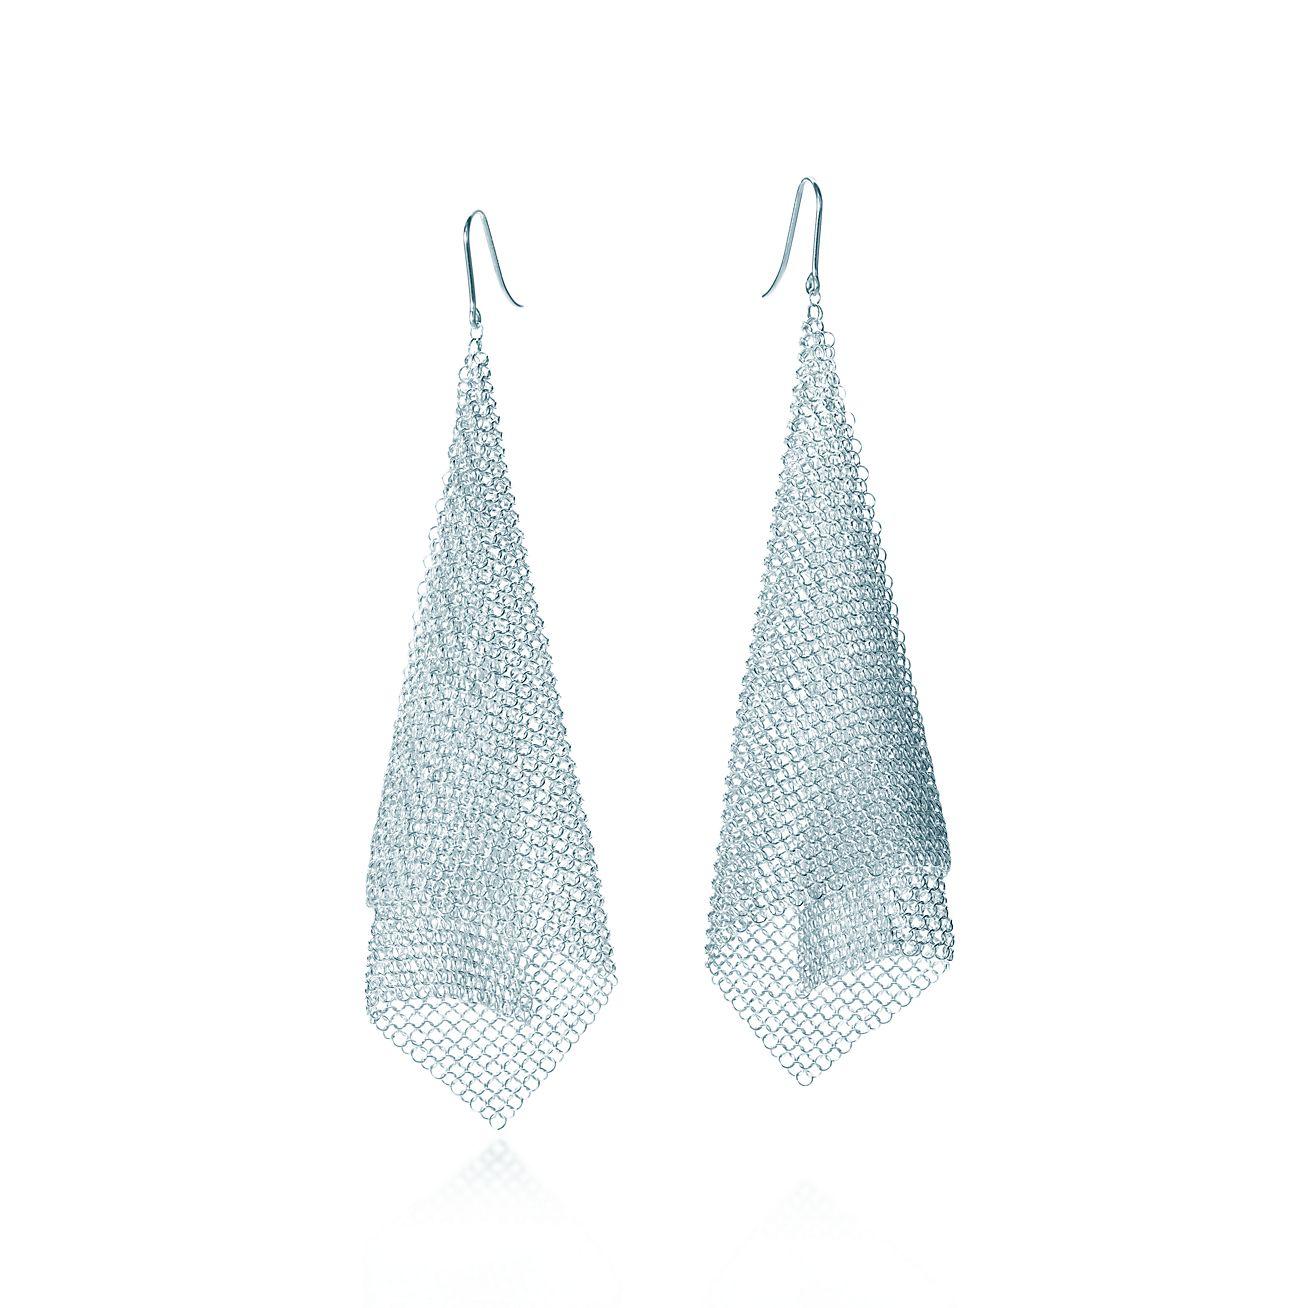 Jewelry Earrings Elsa Peretti Mesh Scarf 18385414 Tiffany Earrings Sterling